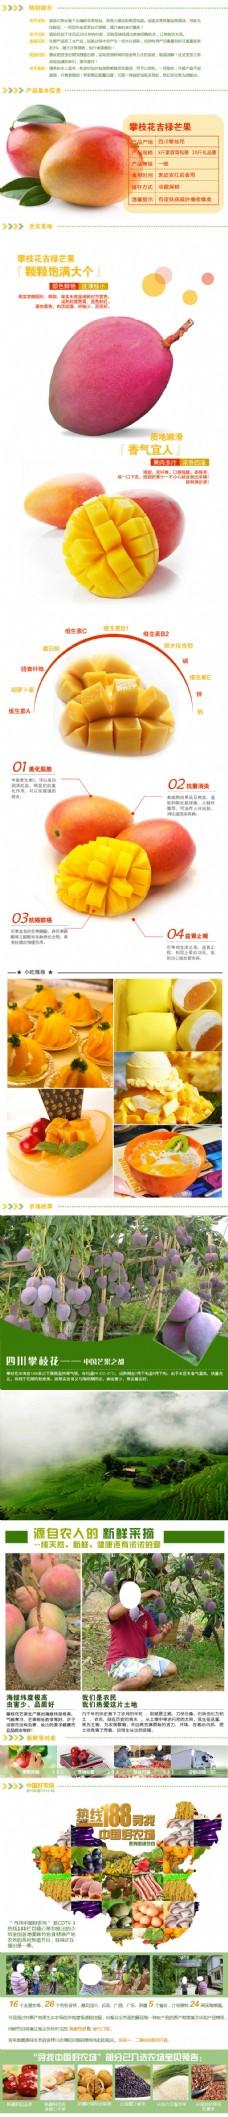 芒果水果食品美食详情页